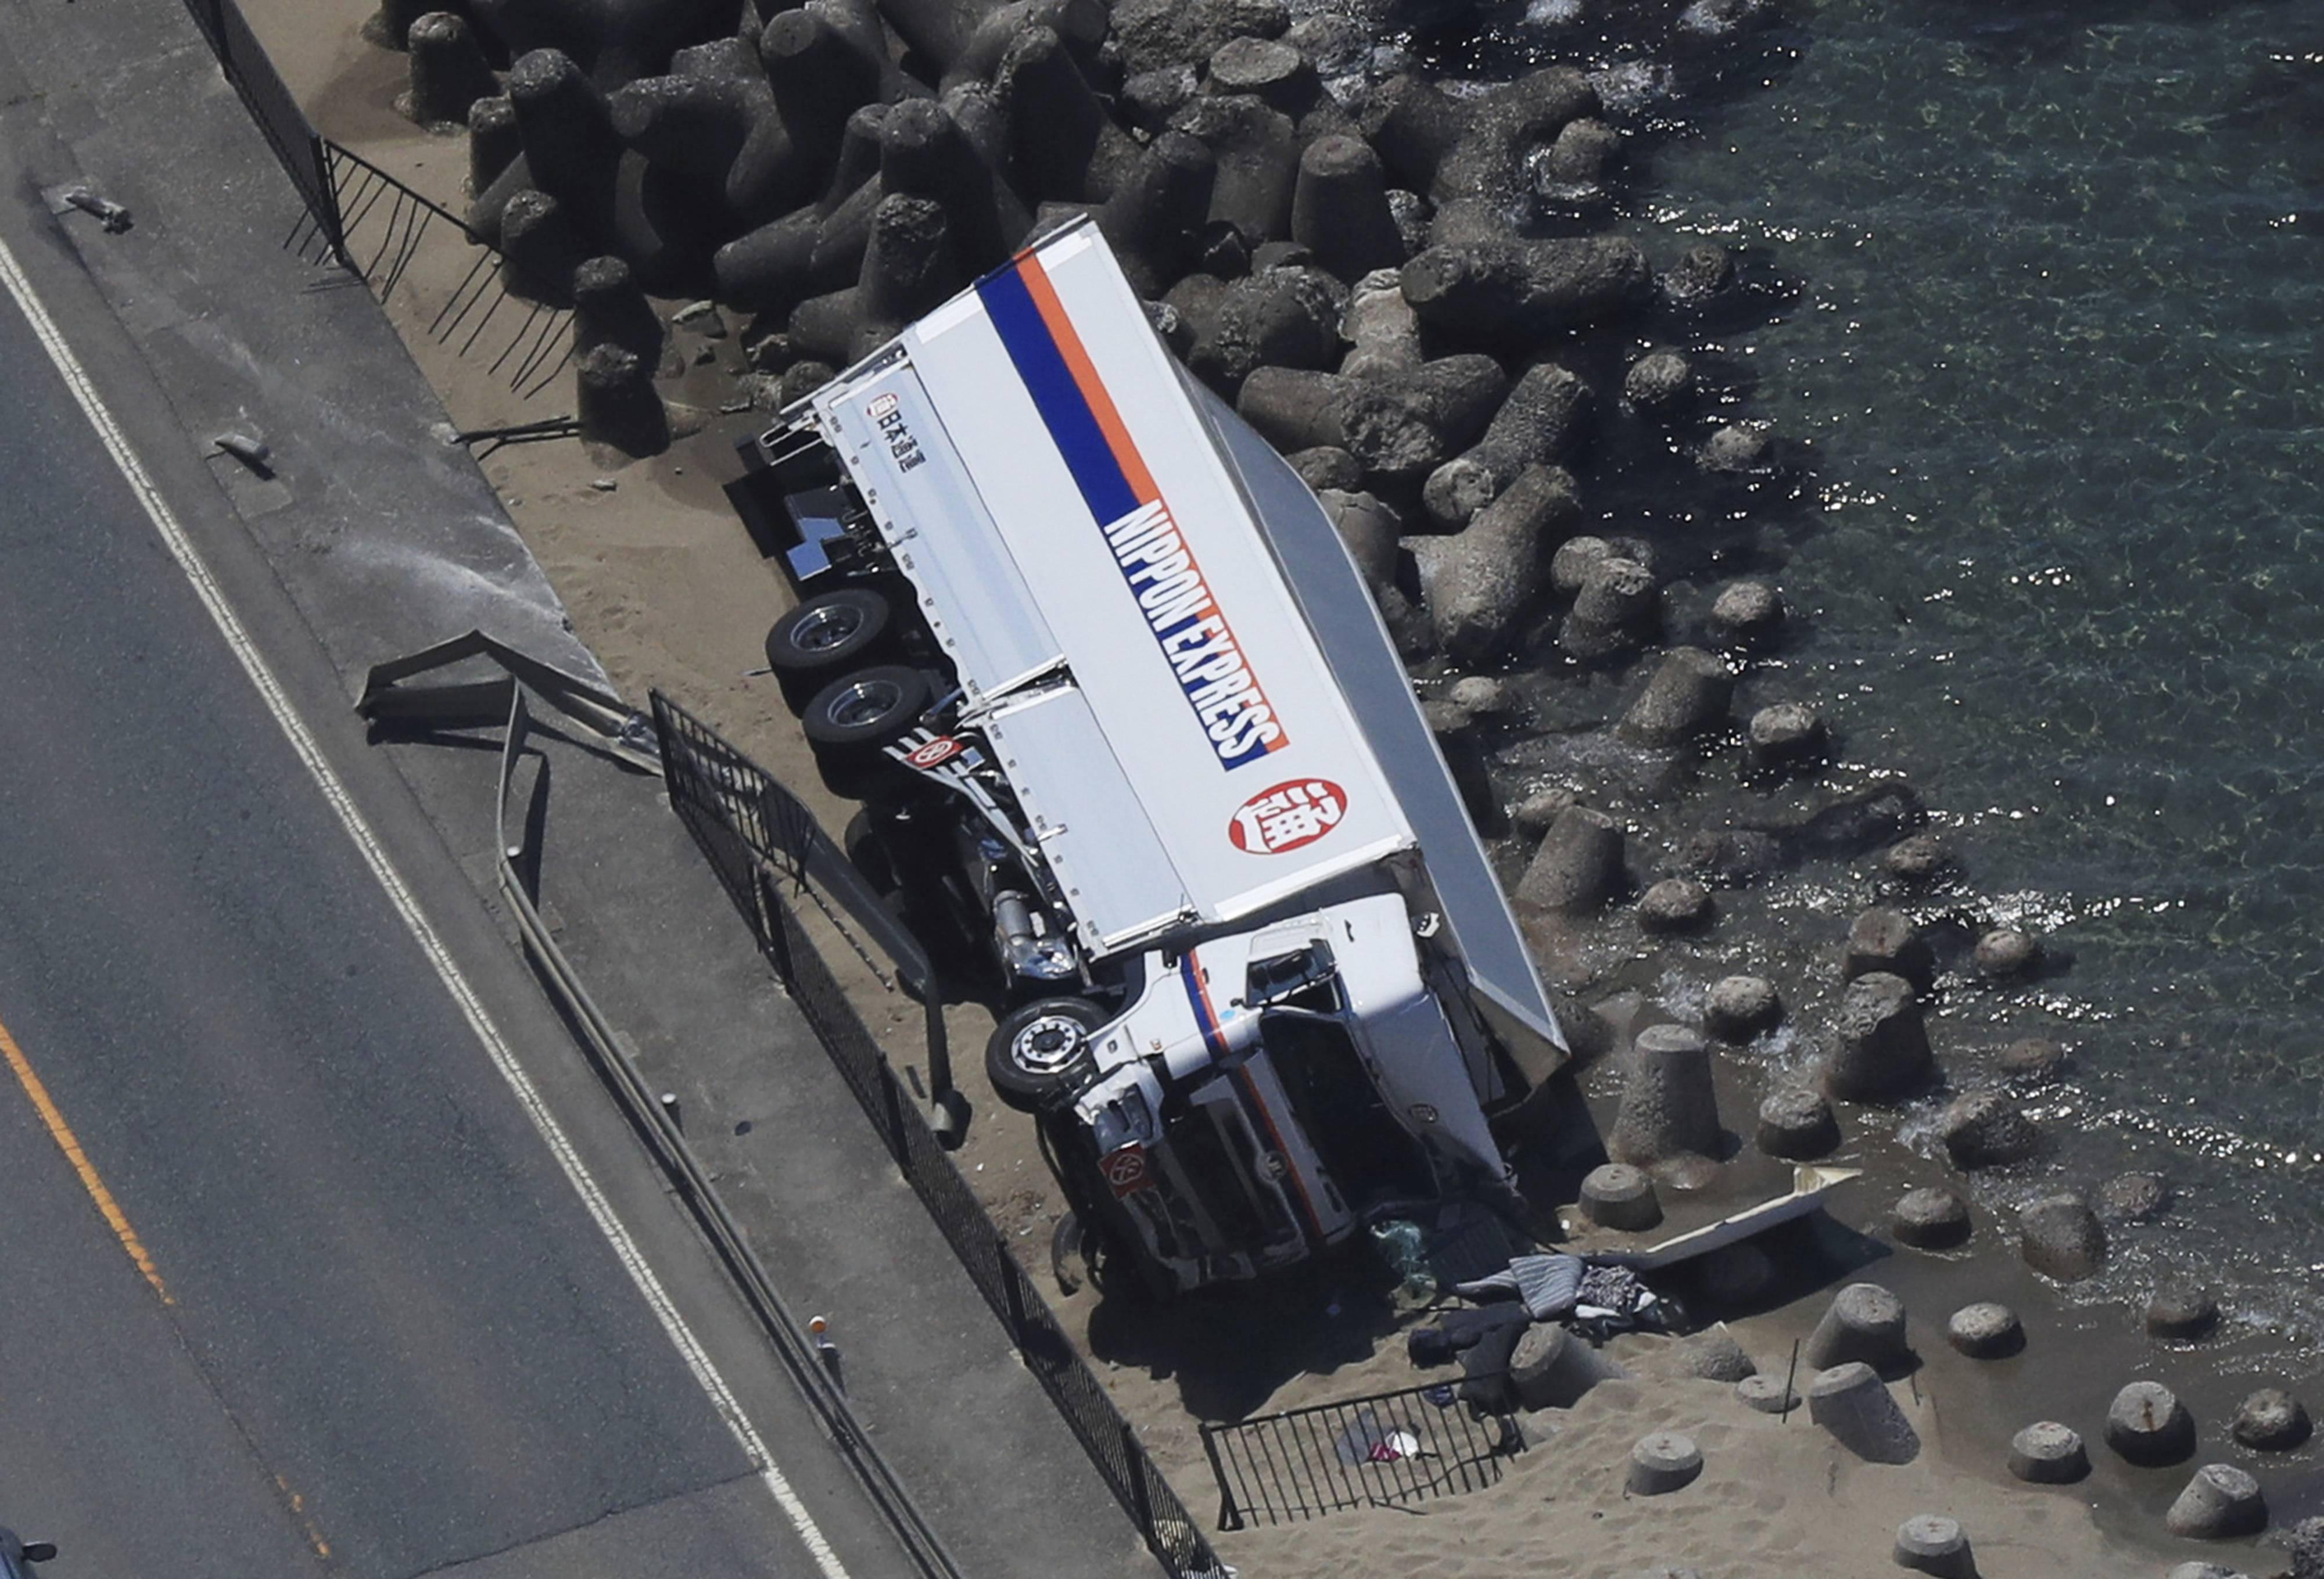 载10吨日本自卫队炮弹货车与轿车相撞 从5米高桥上滚落